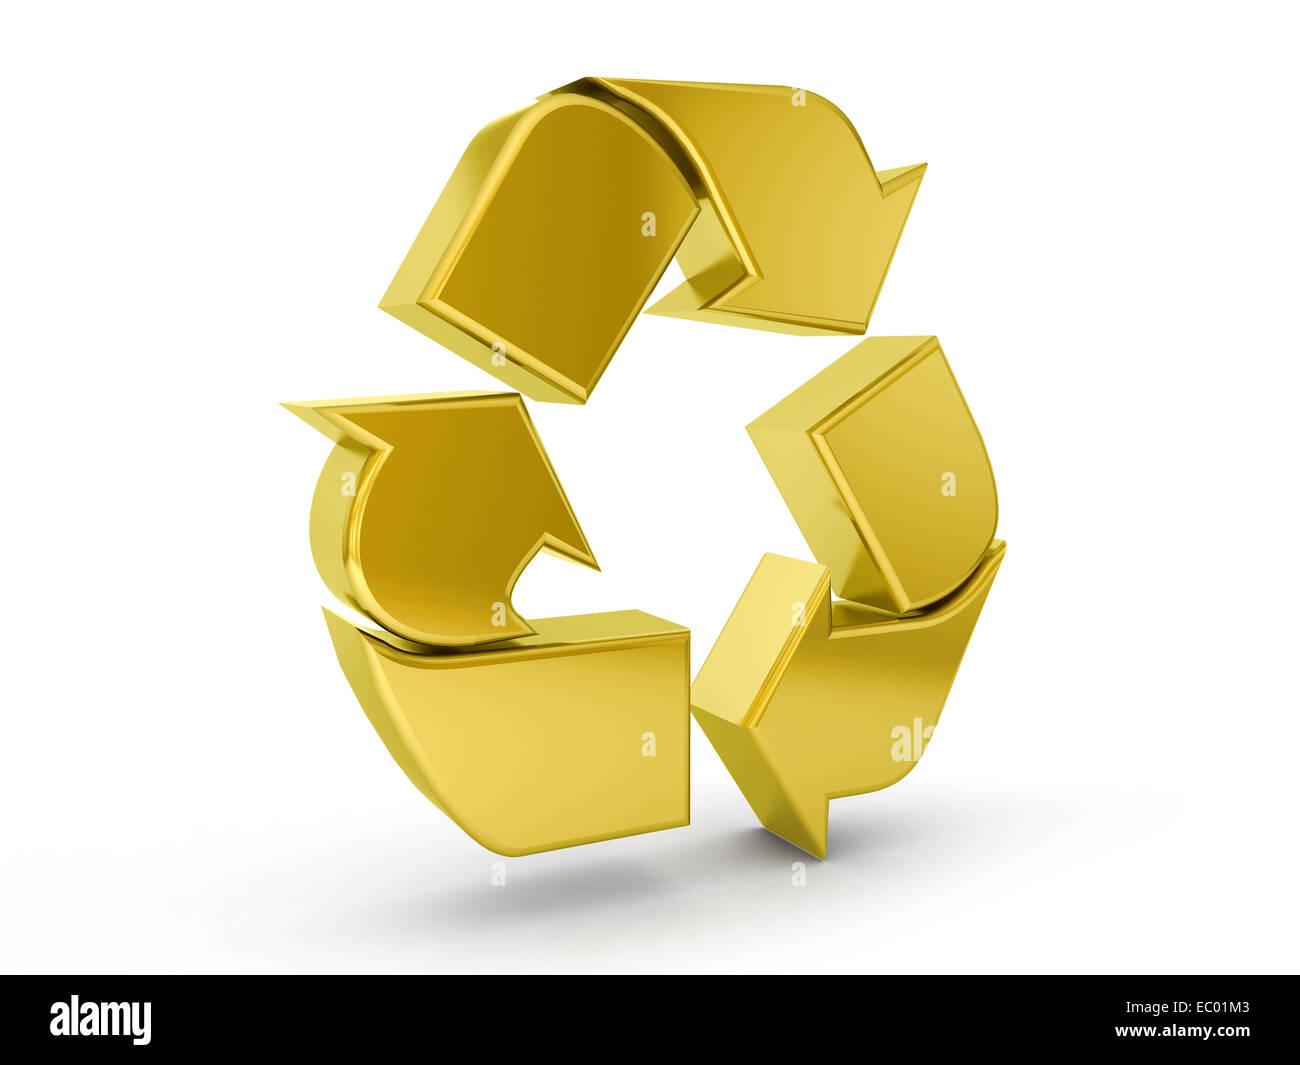 3d golden recycle symbol stock photos 3d golden recycle symbol gold recycle symbol on a white background stock image buycottarizona Choice Image